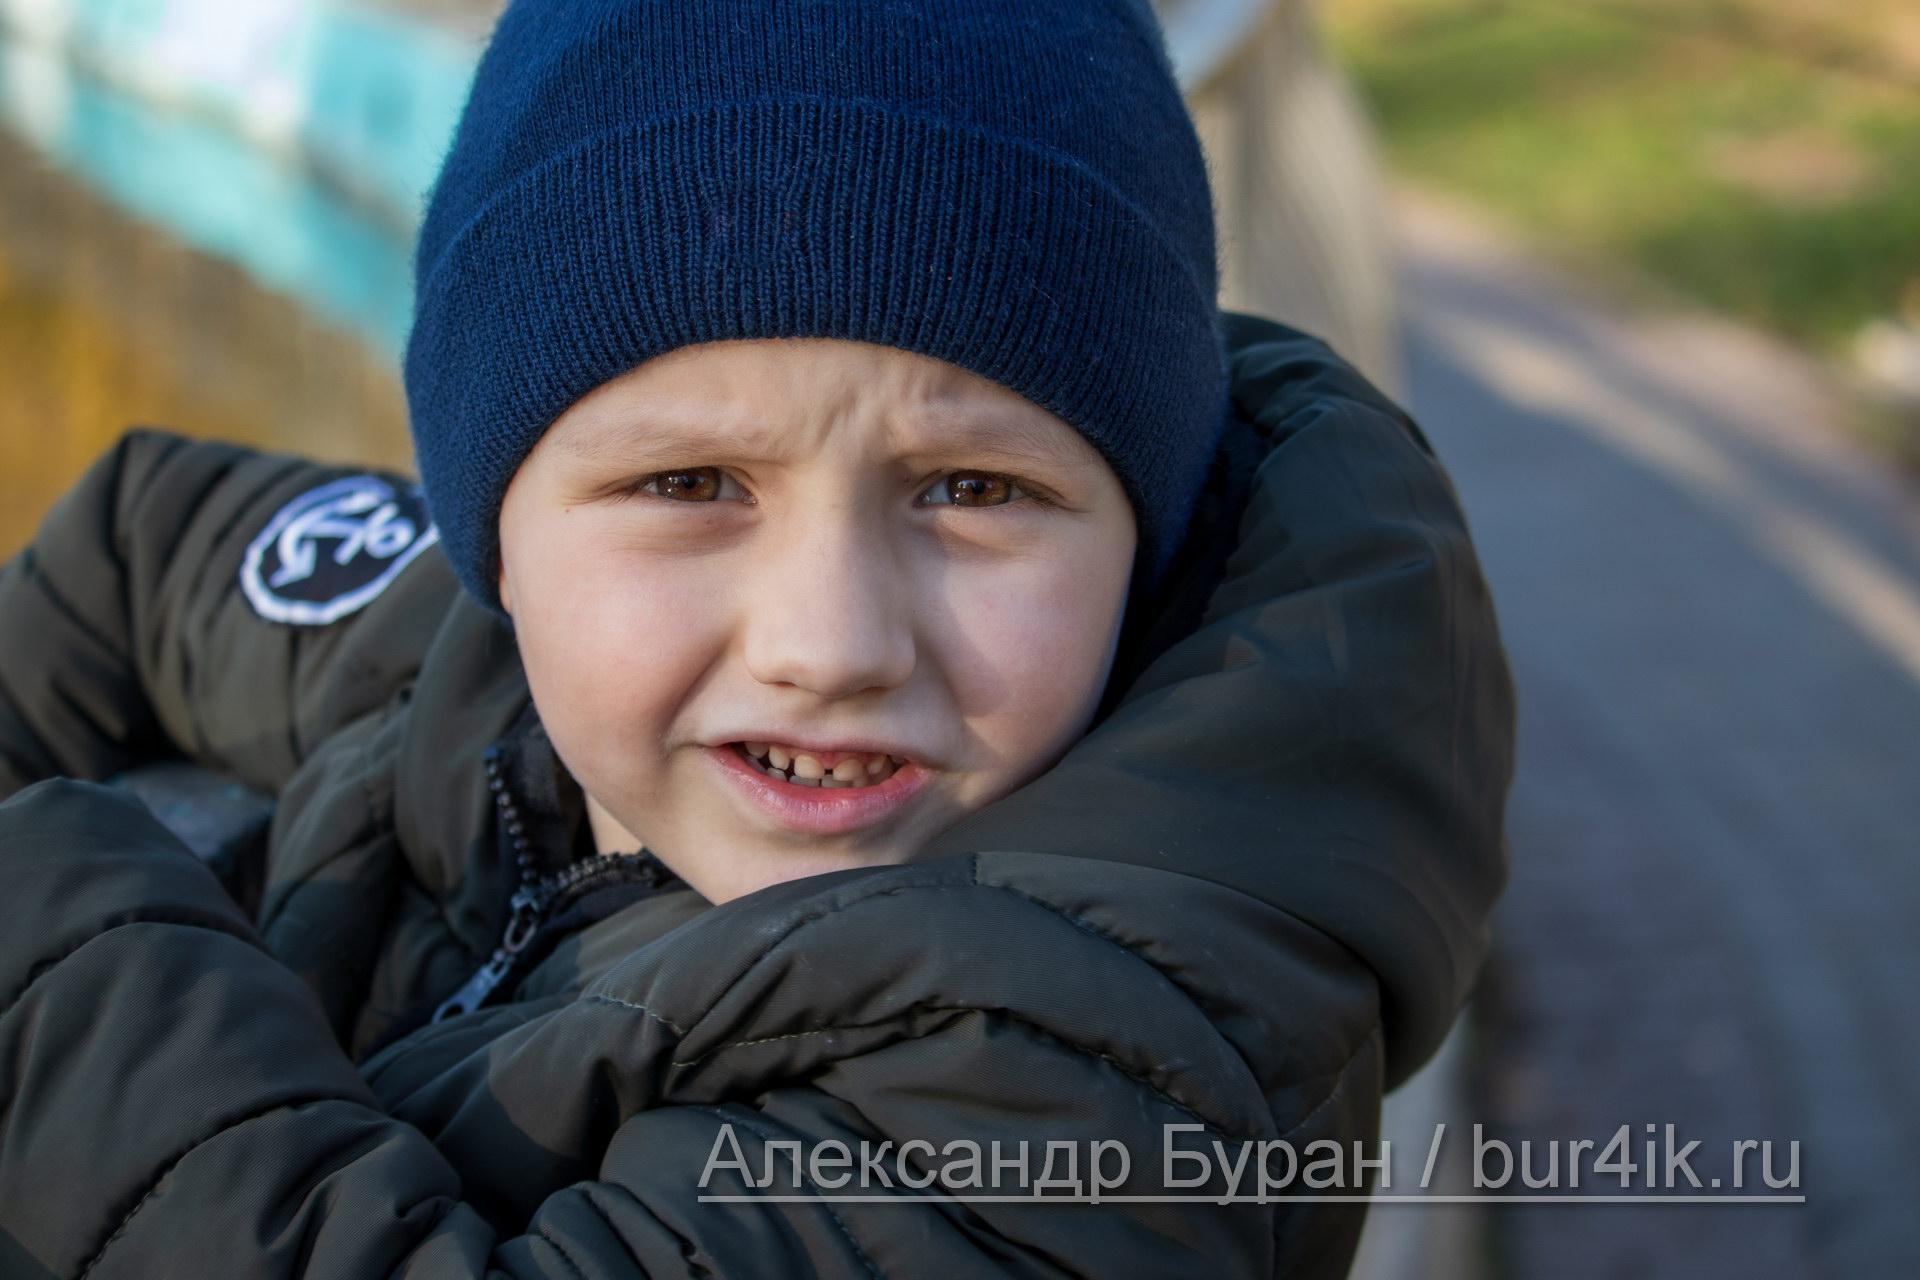 Мальчик в синей фуражке смотрит в камеру на прогулке в осеннем парке у пруда